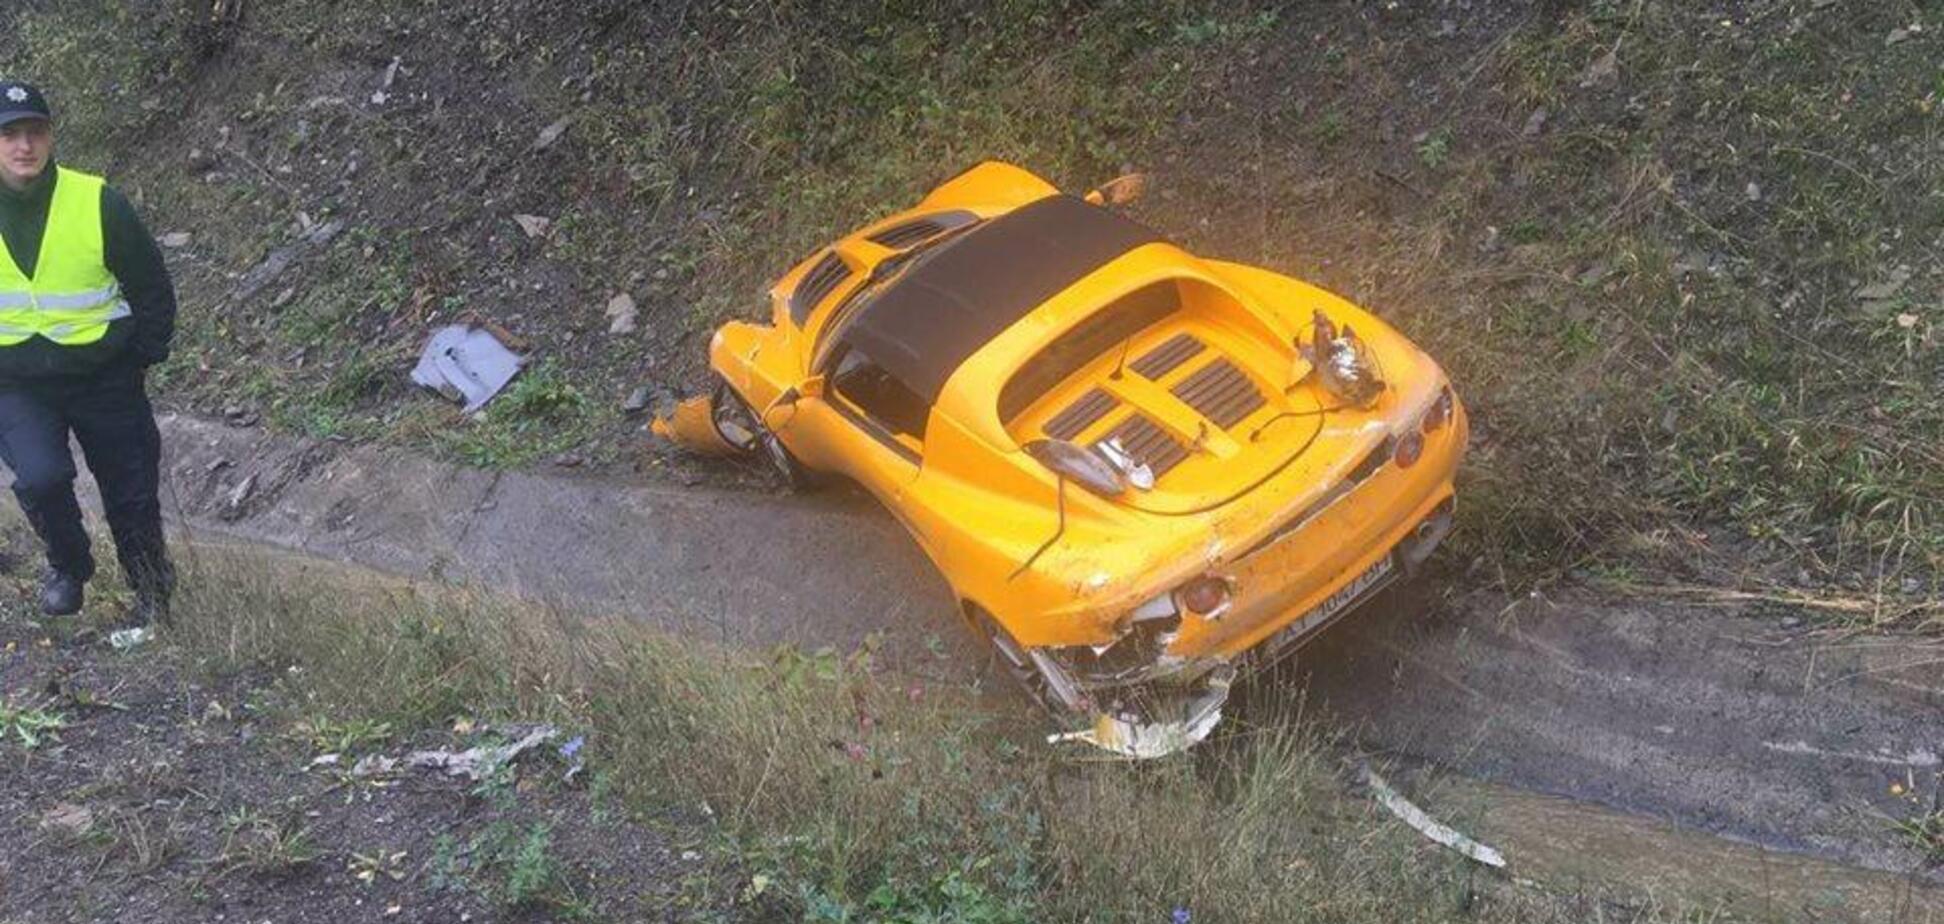 В Закарпатской области редкий британский спорткар слетел с трассы: опубликованы фото